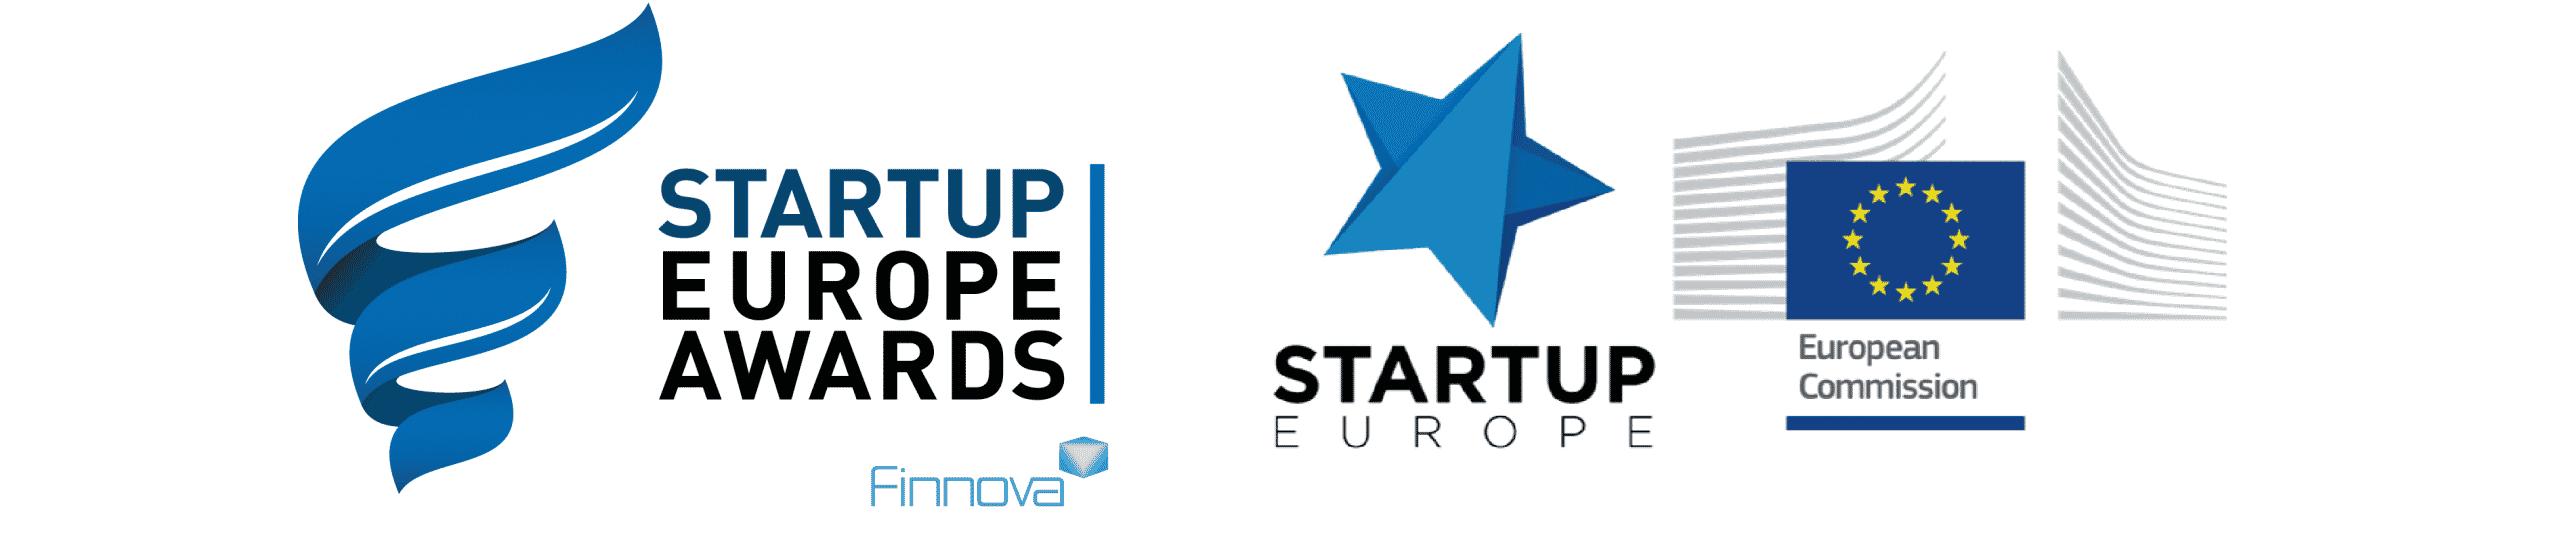 Startup Europe Awards